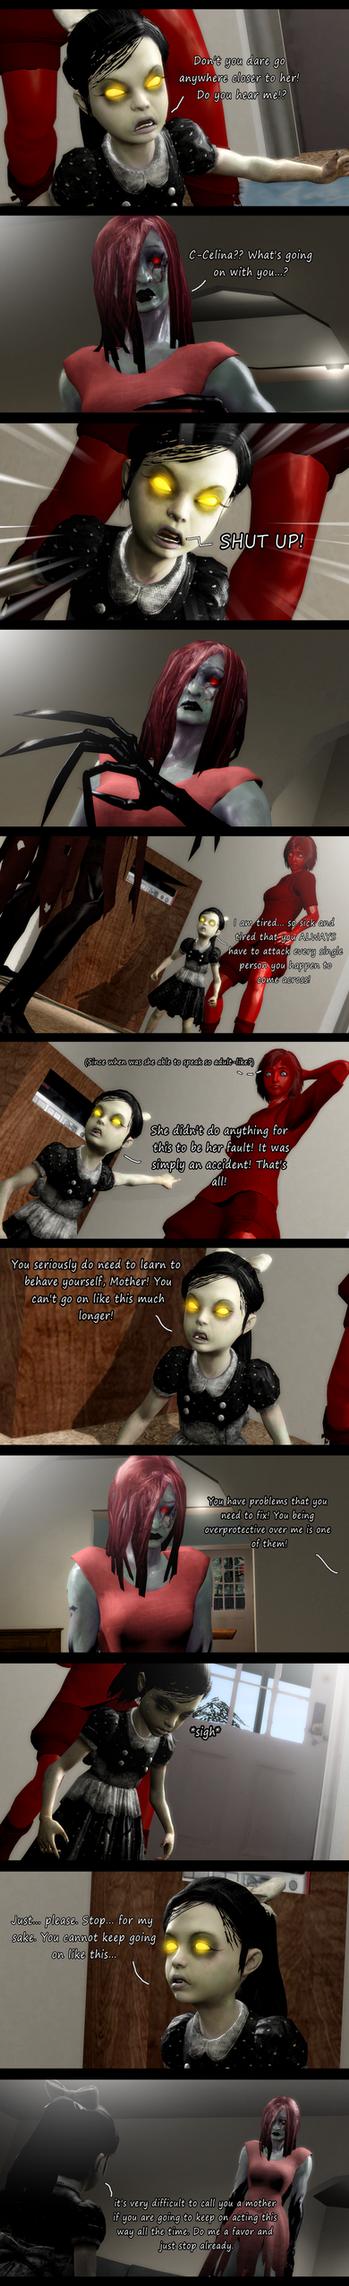 Careless - page 8 by WitchyGmod